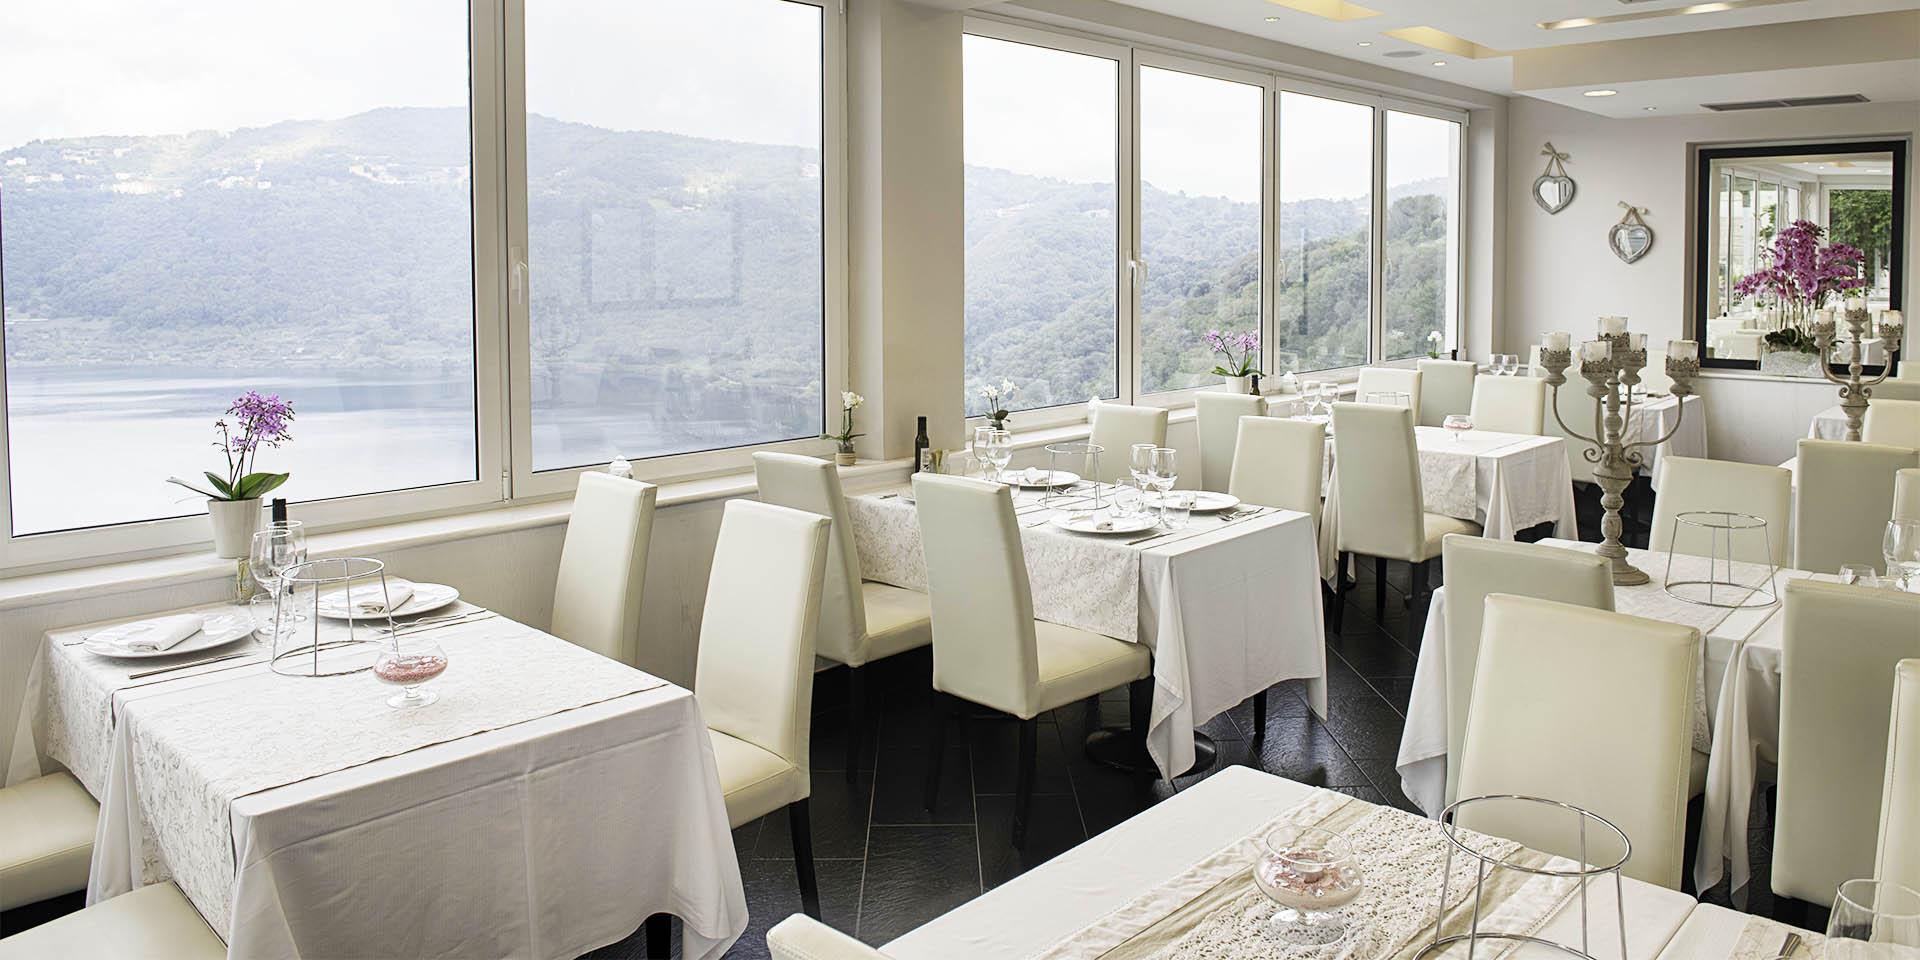 vista-panorama-ristorante-capodiferro